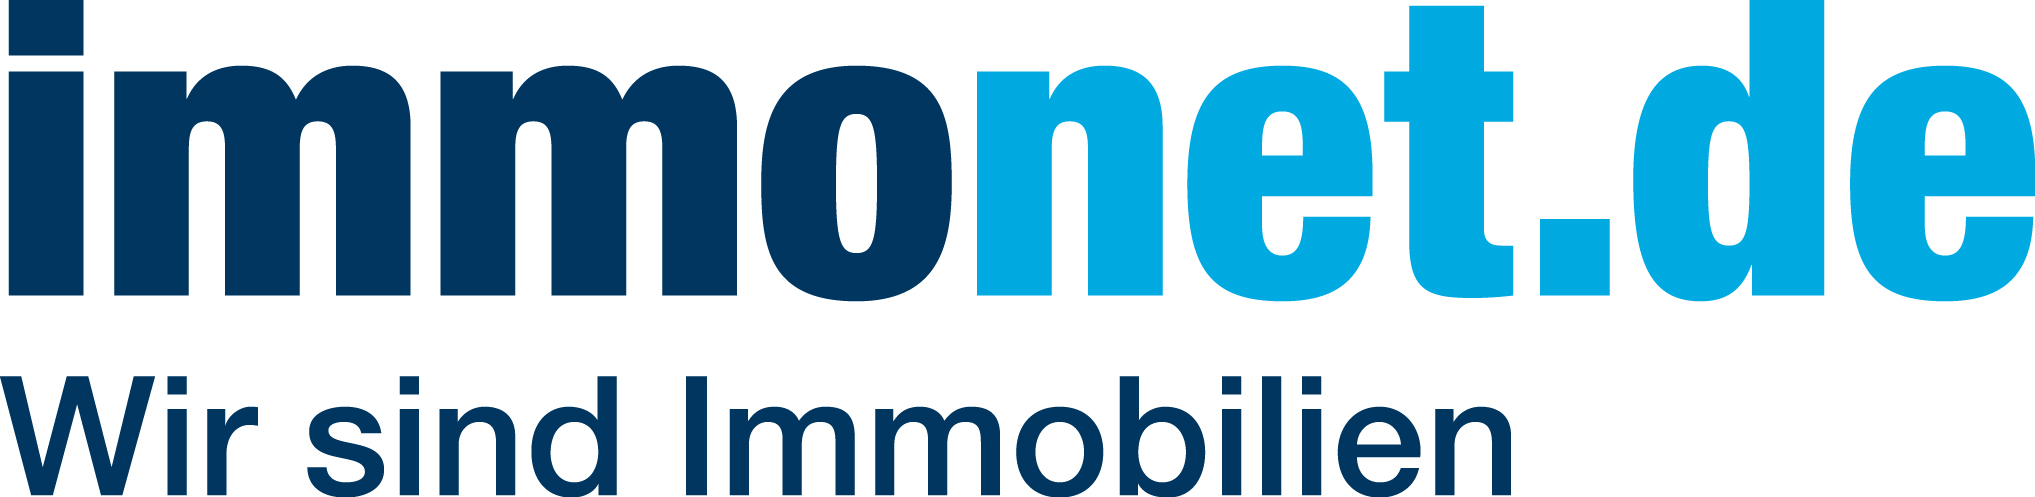 50233-logo-pressemitteilung-immonet-de